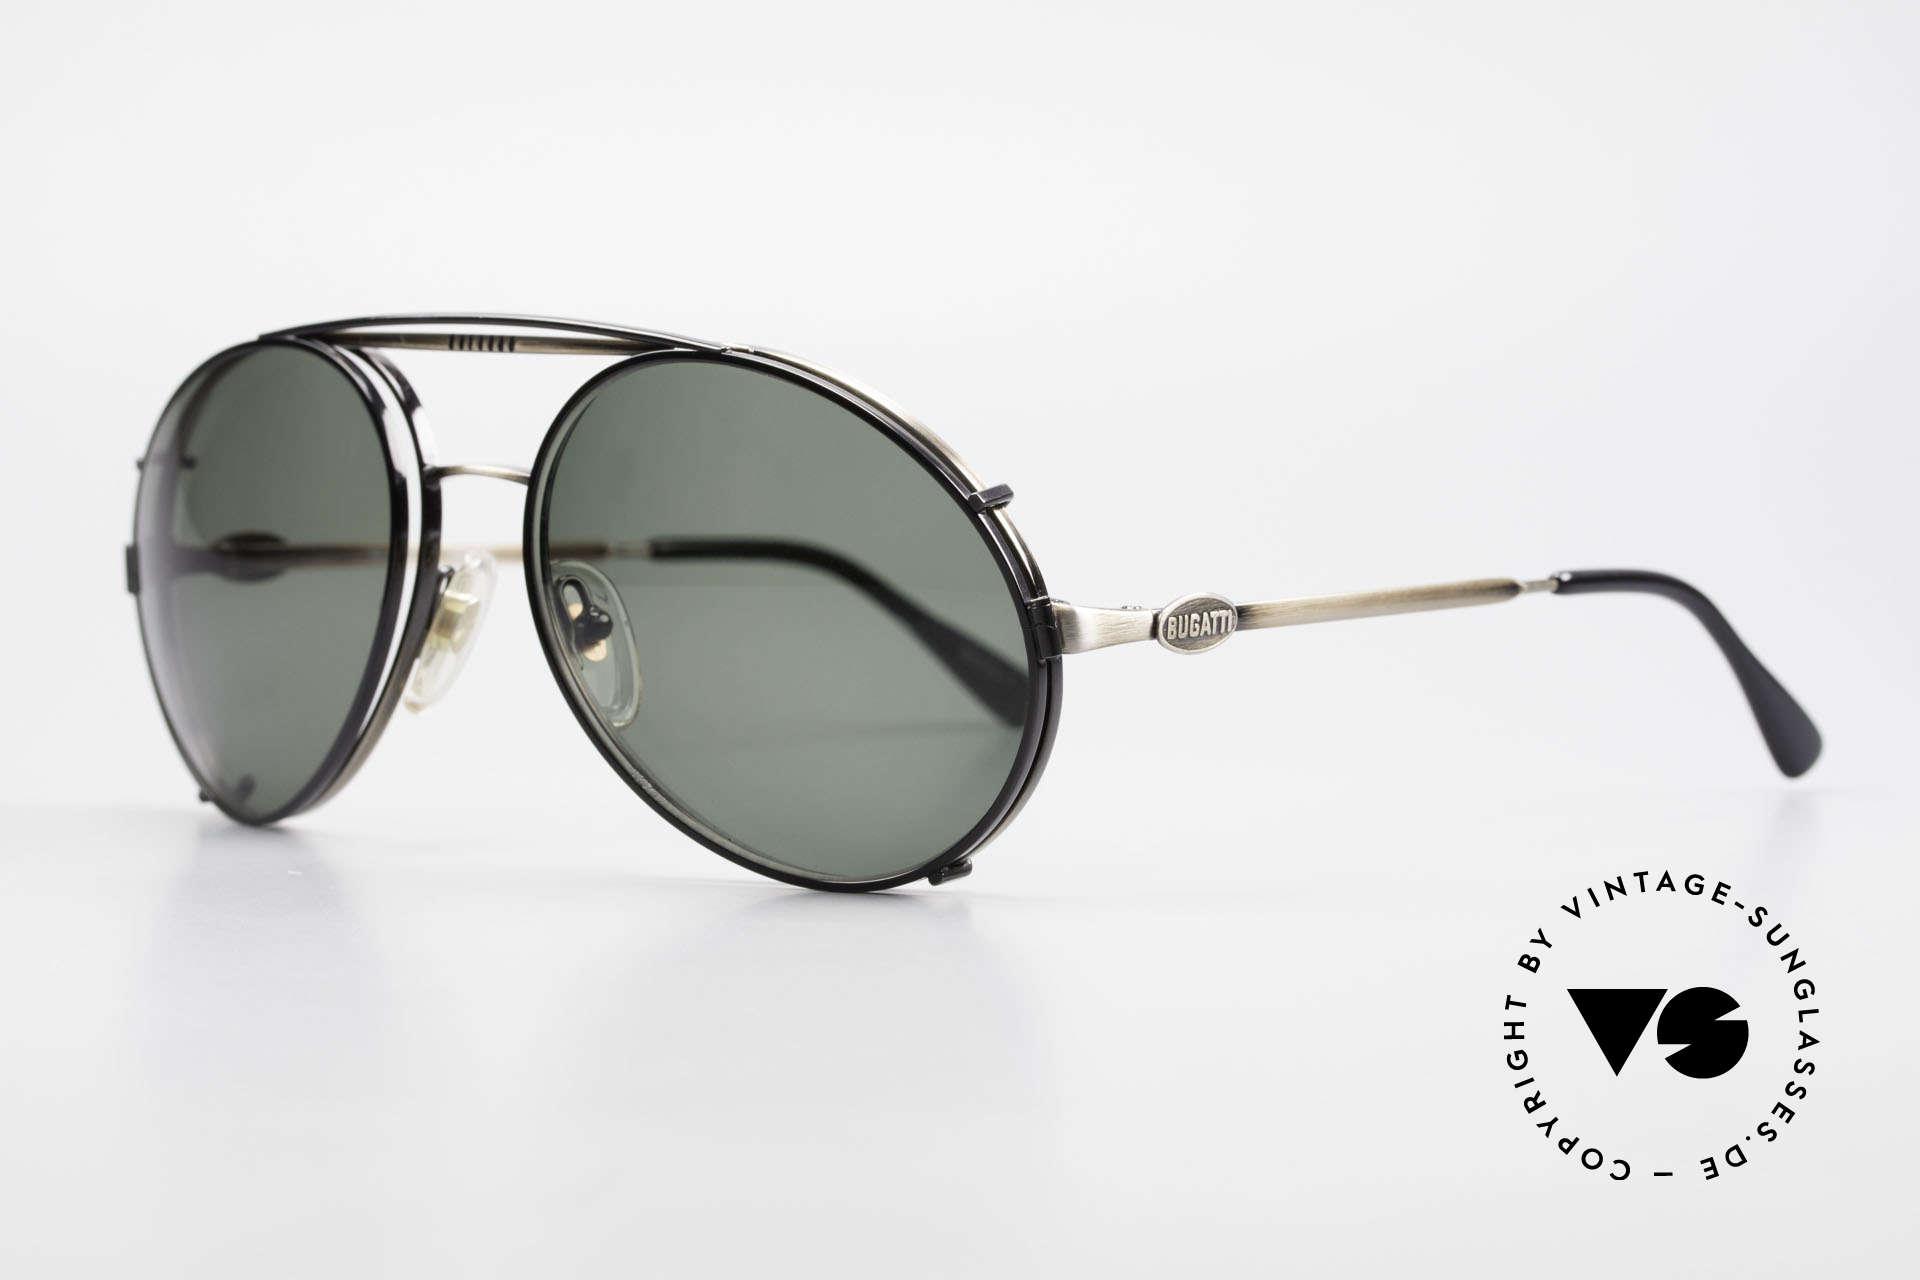 Bugatti 65282 Vintage Herren Brille 1980er, VINTAGE Gestell mit praktischem Sonnen-Clip, Passend für Herren